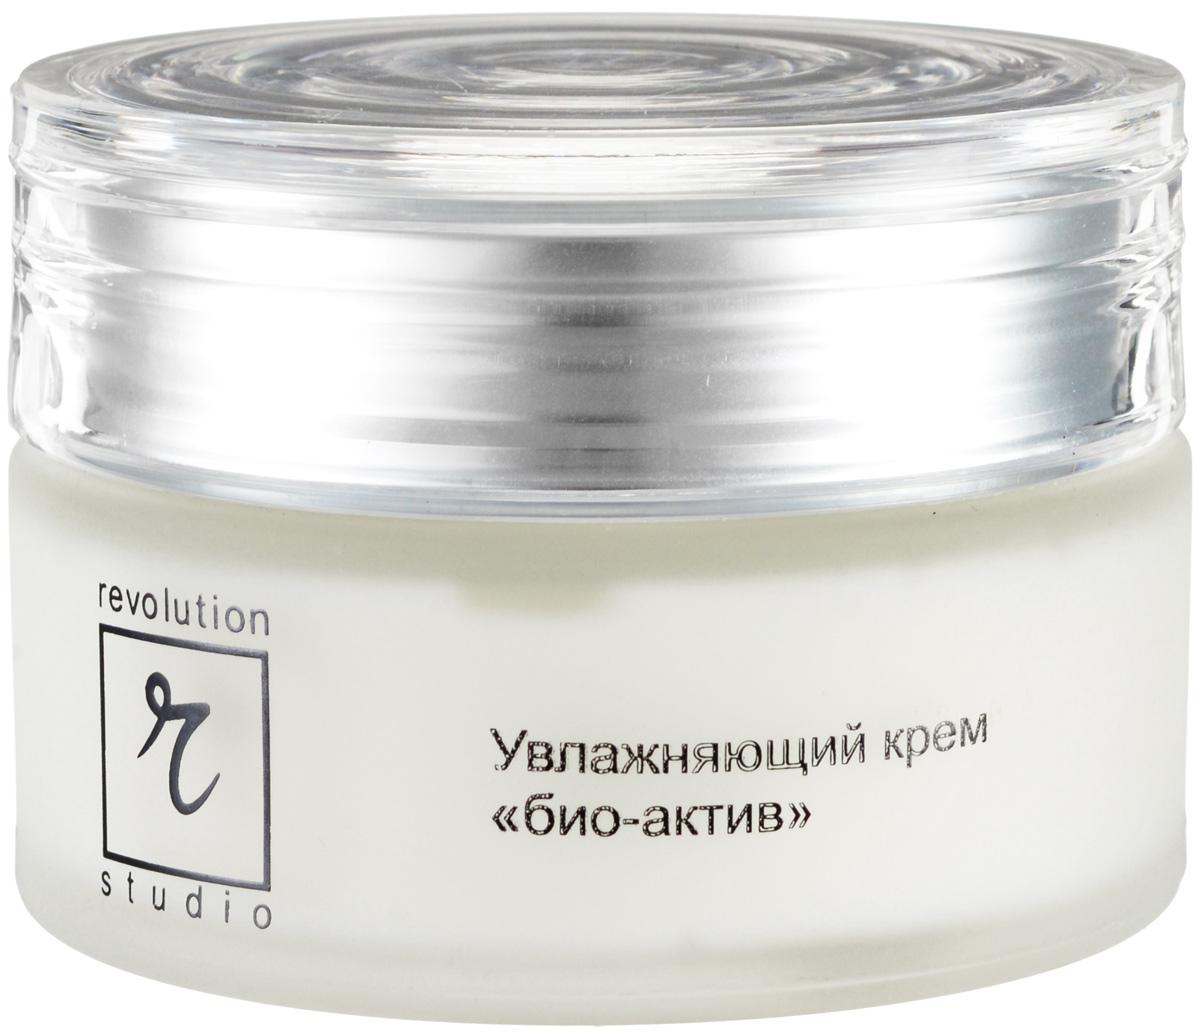 R-Studio Дневной крем био-актив 50 млrs1670Тип кожи: для возрастной кожи.Дневной крем био-актив стимулирует обмен веществ в возрастной коже, сохраняя ее упругость и препятствуя образованию преждевременных морщин. Глубоко увлажняет кожу, сохраняя влагу длительное время.Активные компоненты: Гиаплан (плацента тонкоочищенная), масло кукурузное, экстракты: радиолы розовой, боярышника, левзеи, витамин А, Е.